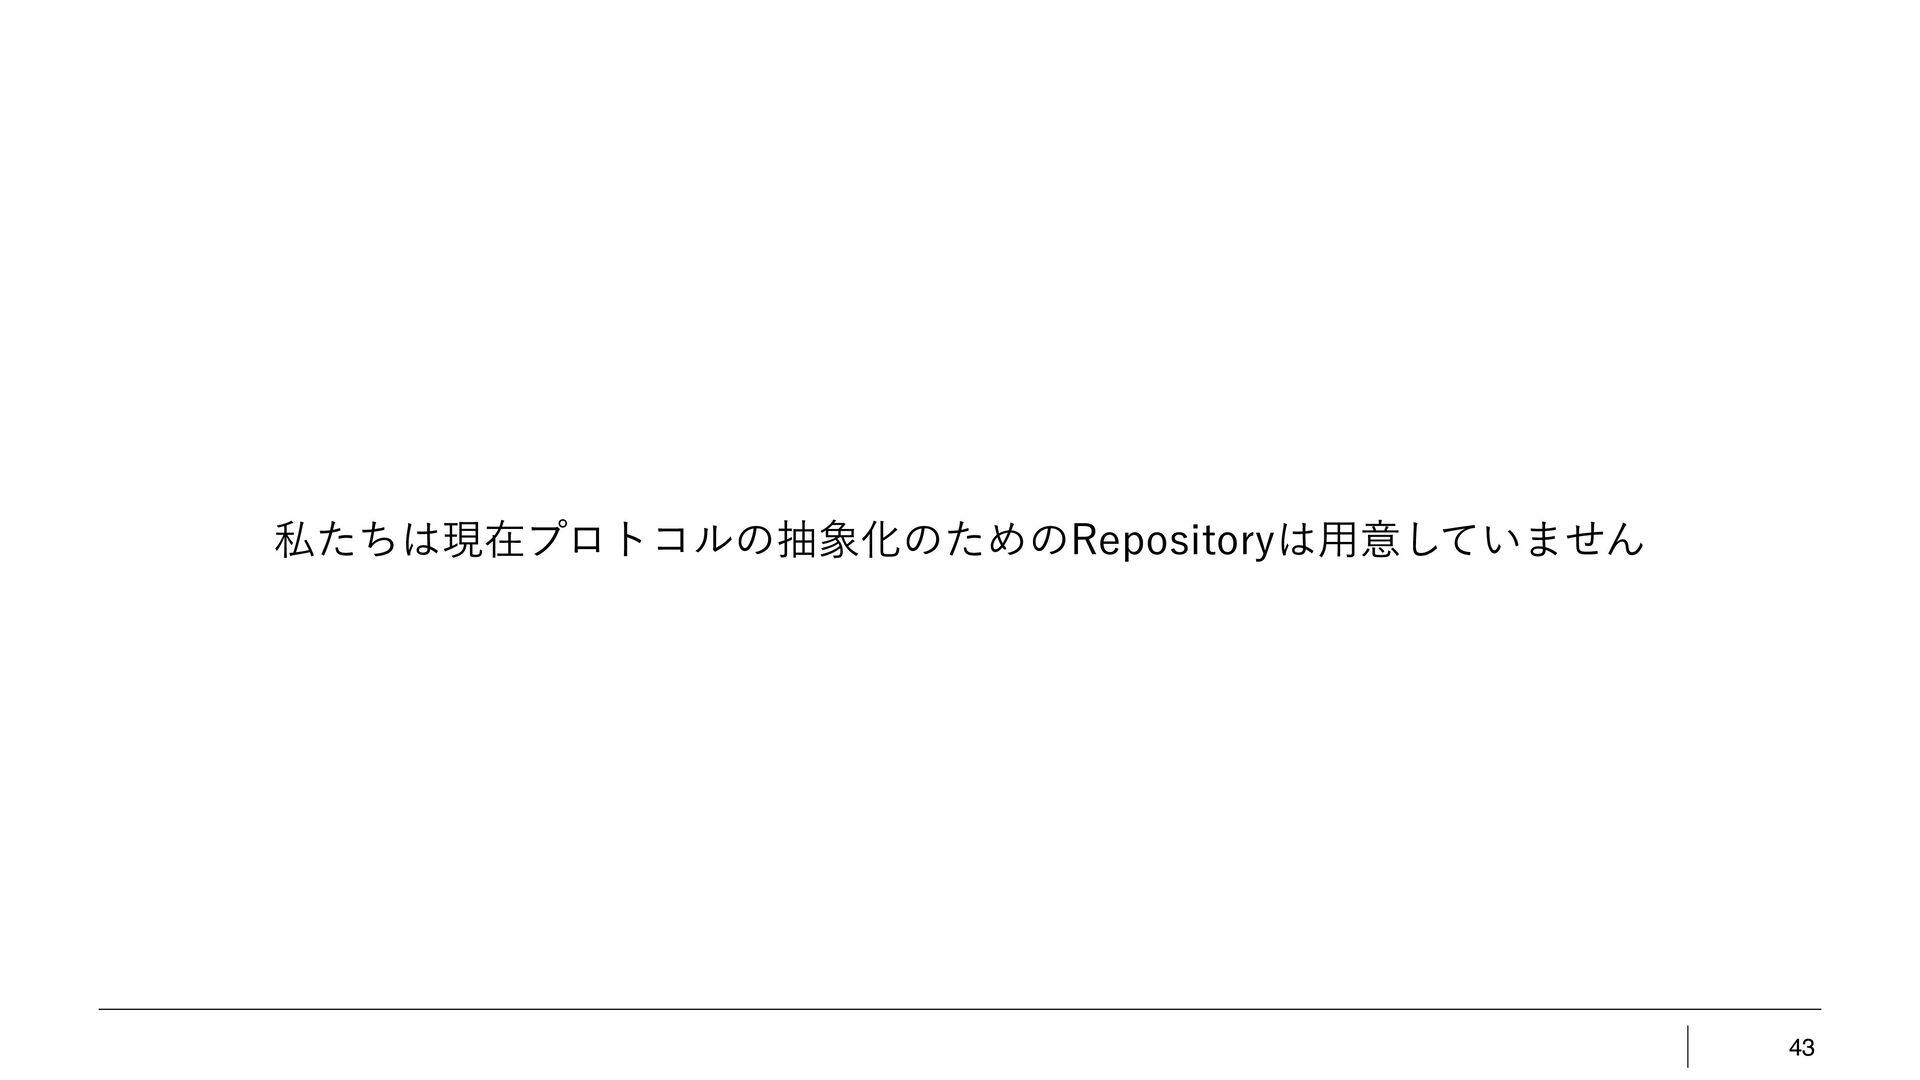 43 কདྷ%#͕มΘΔఆ͍ͯ͠·ͤΜɻ มΘͬͨʹ͢ͱ͍͏அͰ͢ɻ